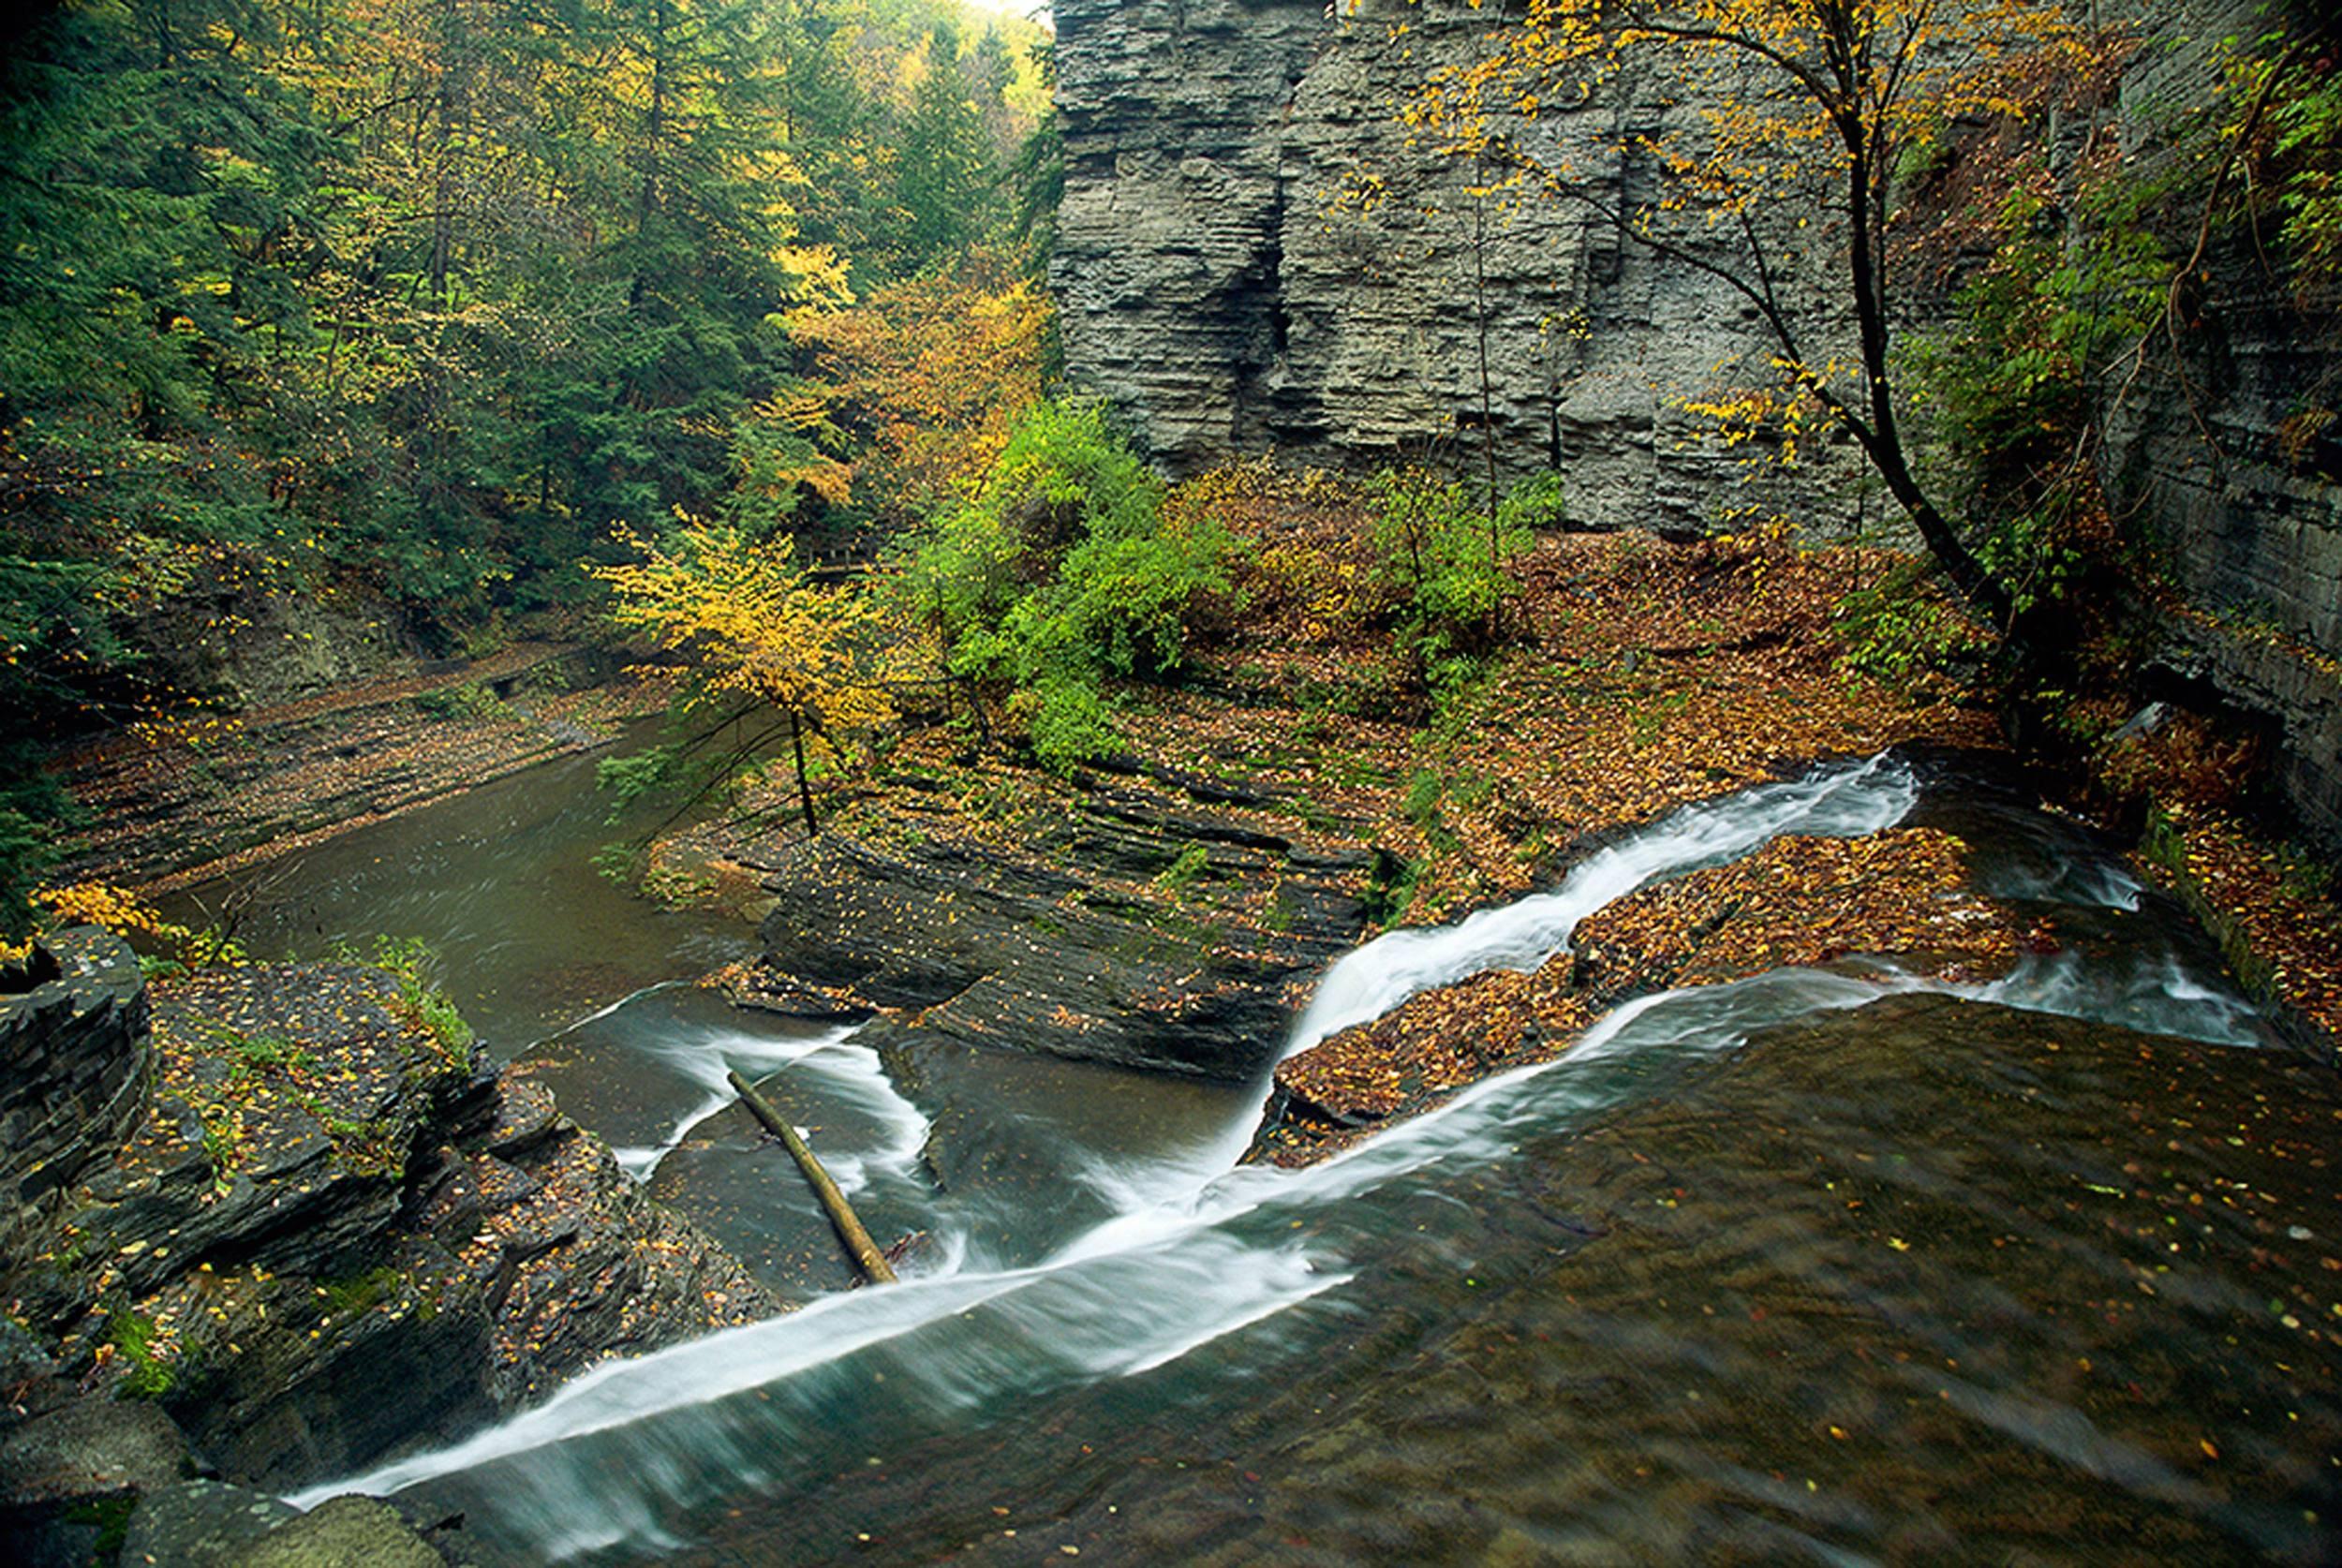 GregTucker_09_waterfall_landscape copy.jpg